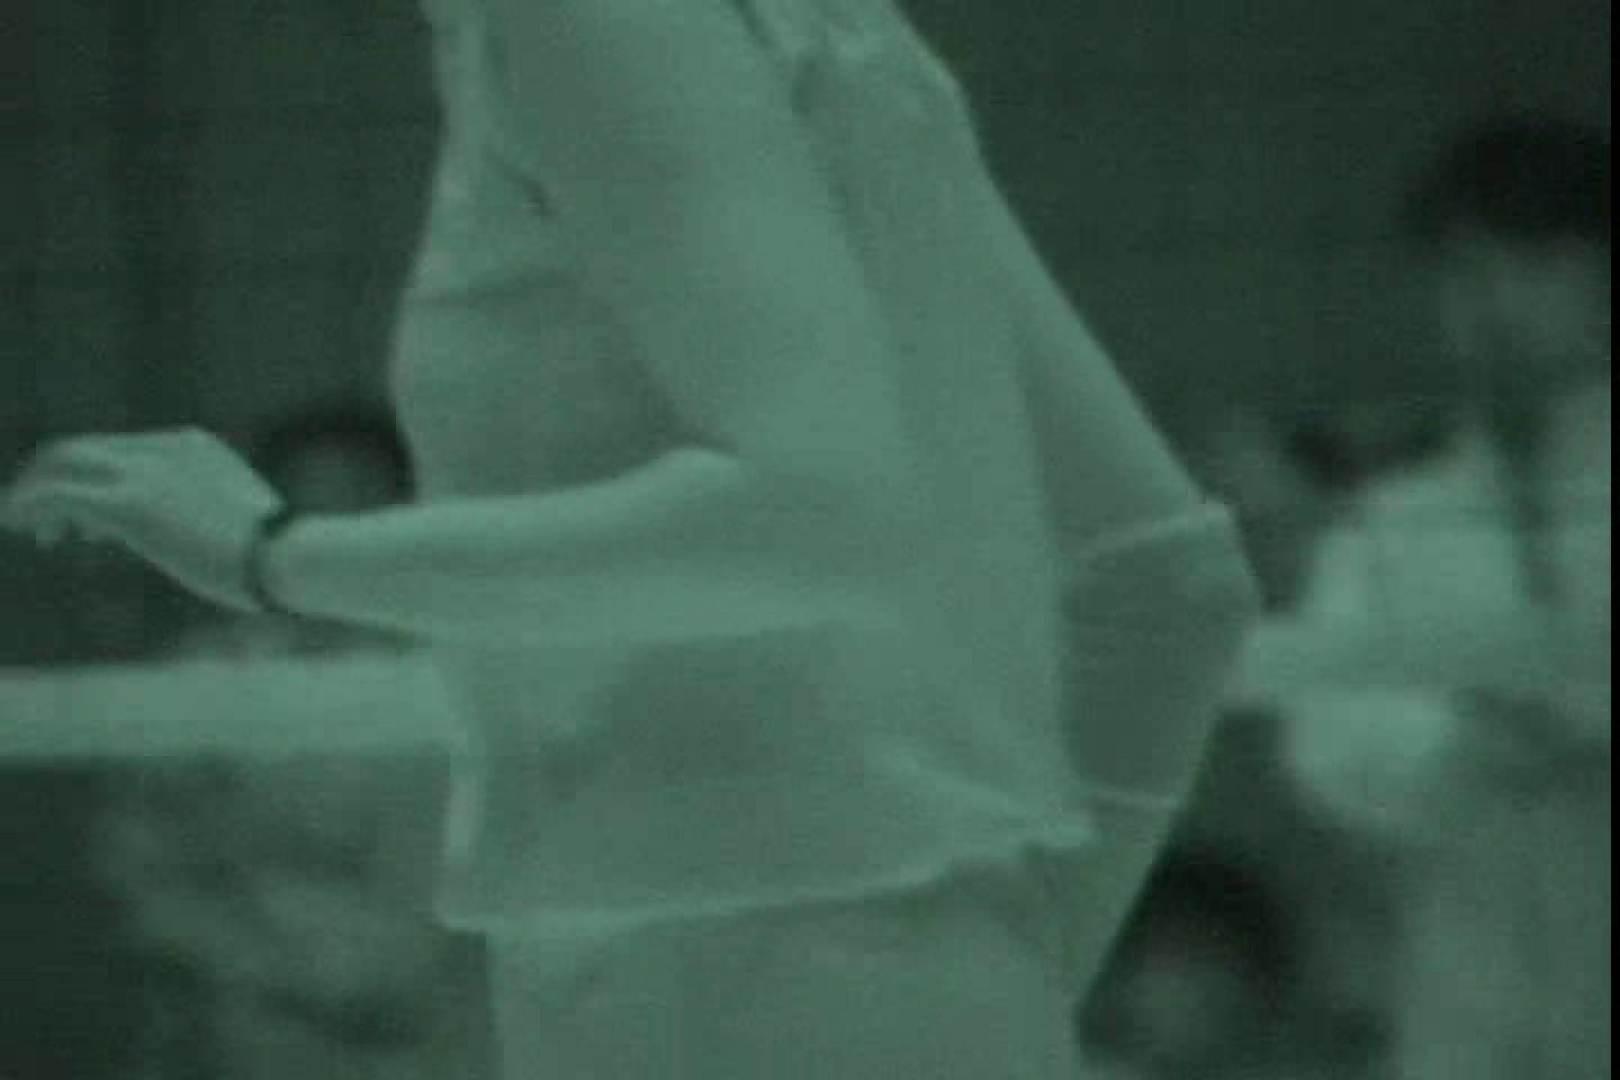 赤外線ムレスケバレー(汗) vol.02 赤外線 | アスリート  103PIX 7